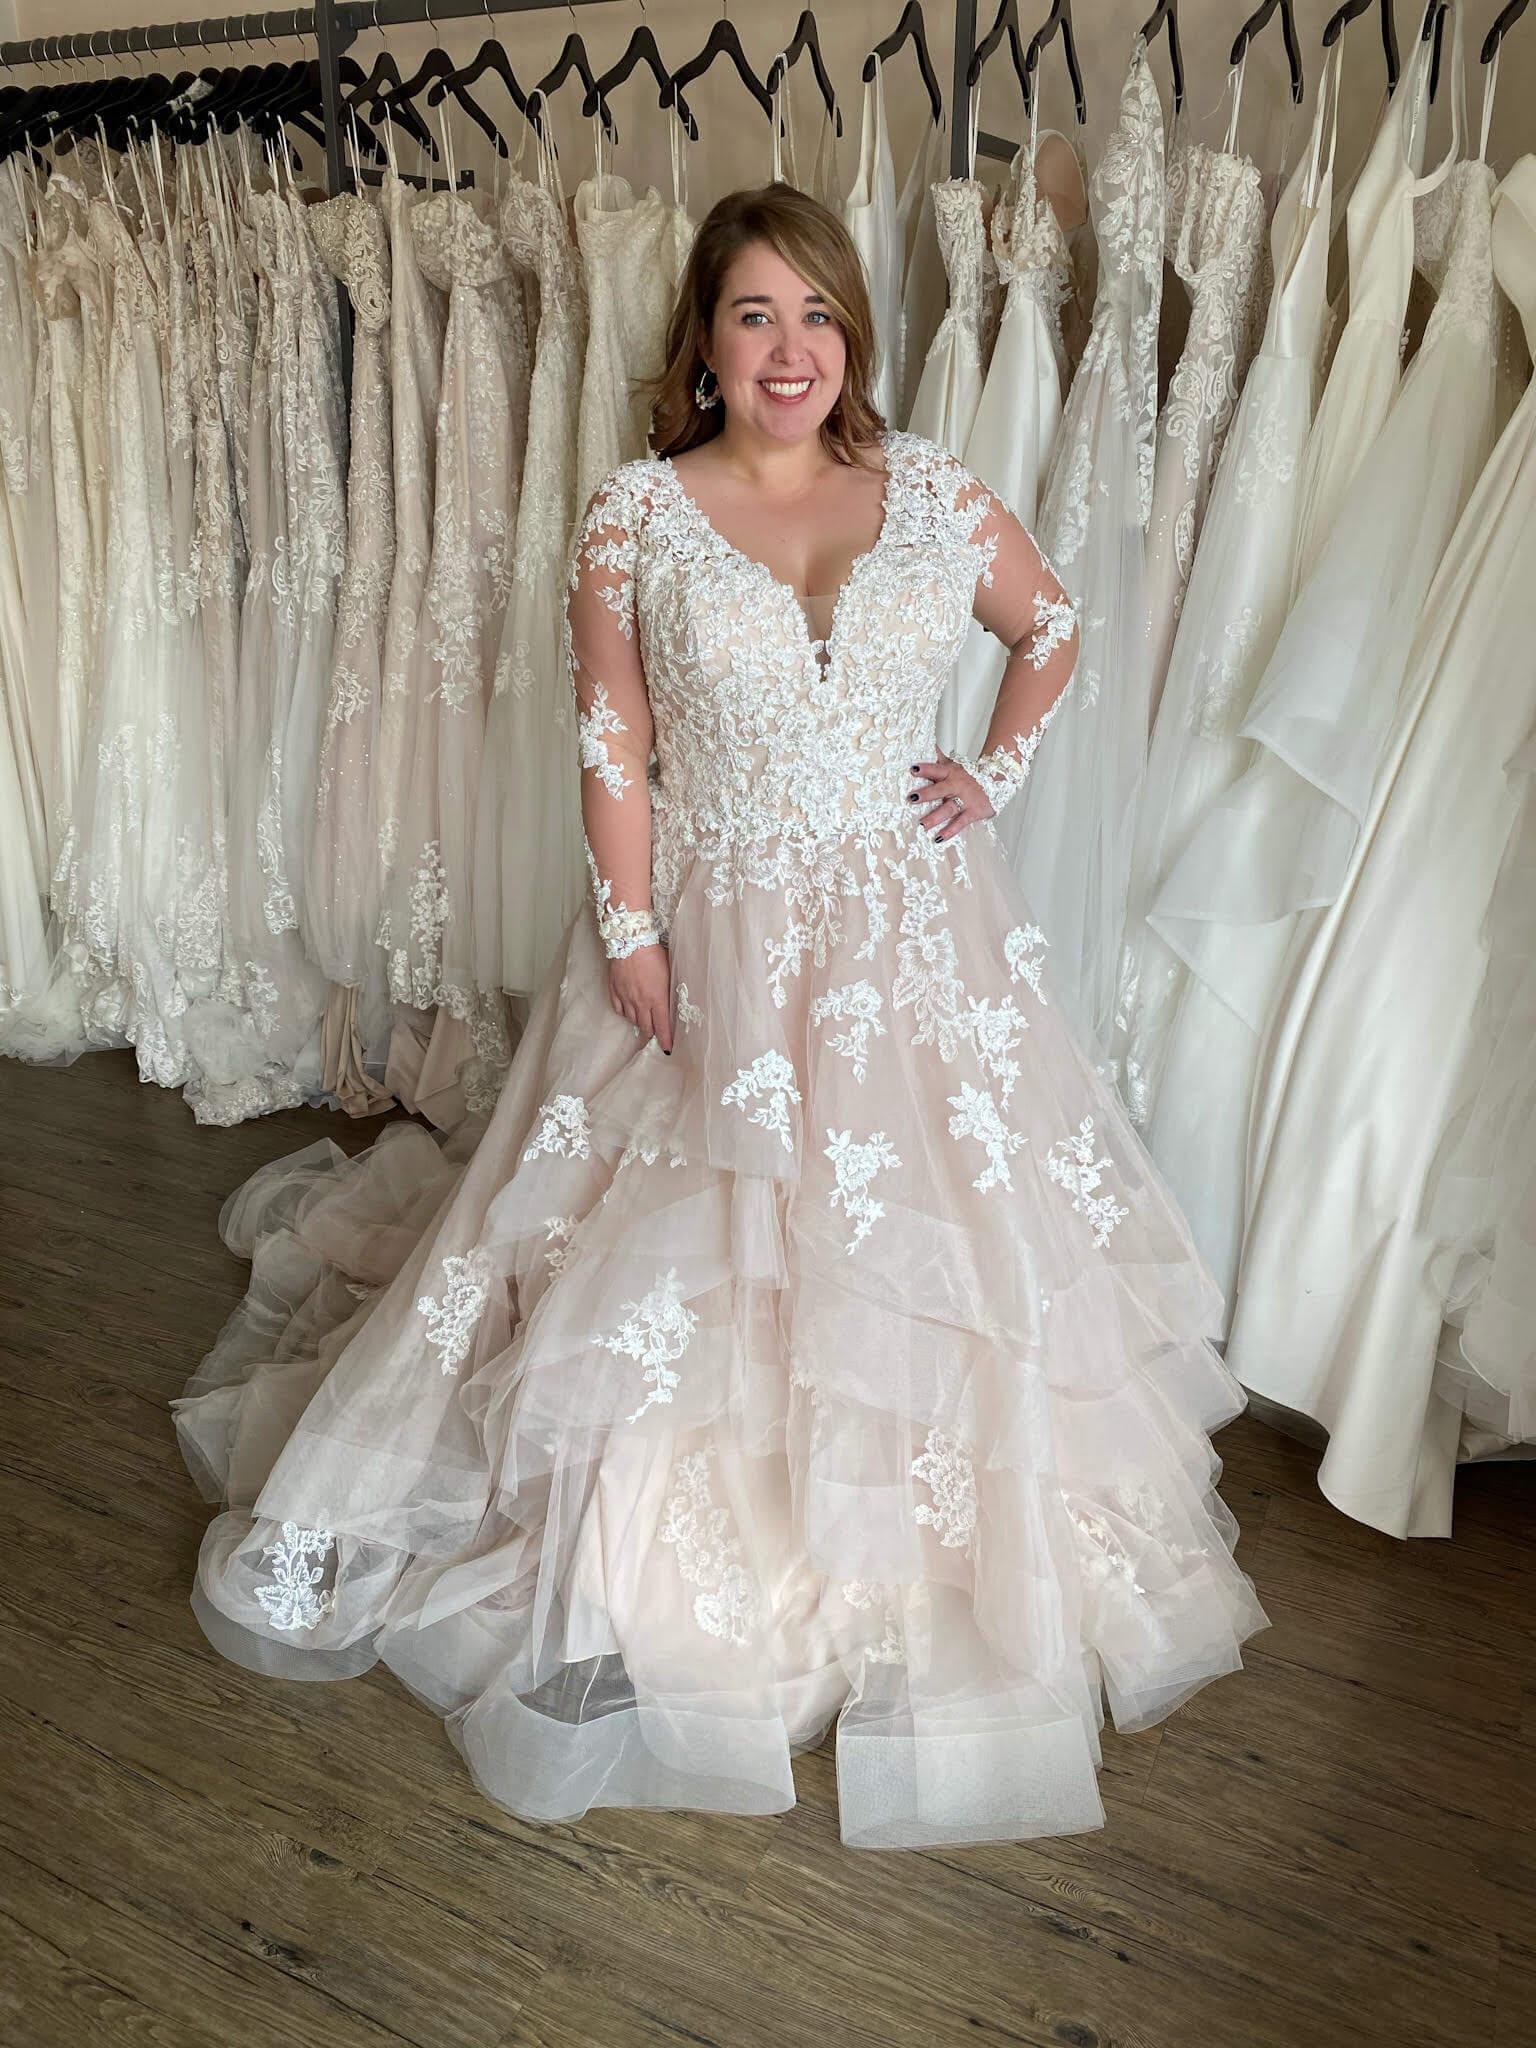 Plus size dresses at Love Bridal Boutique